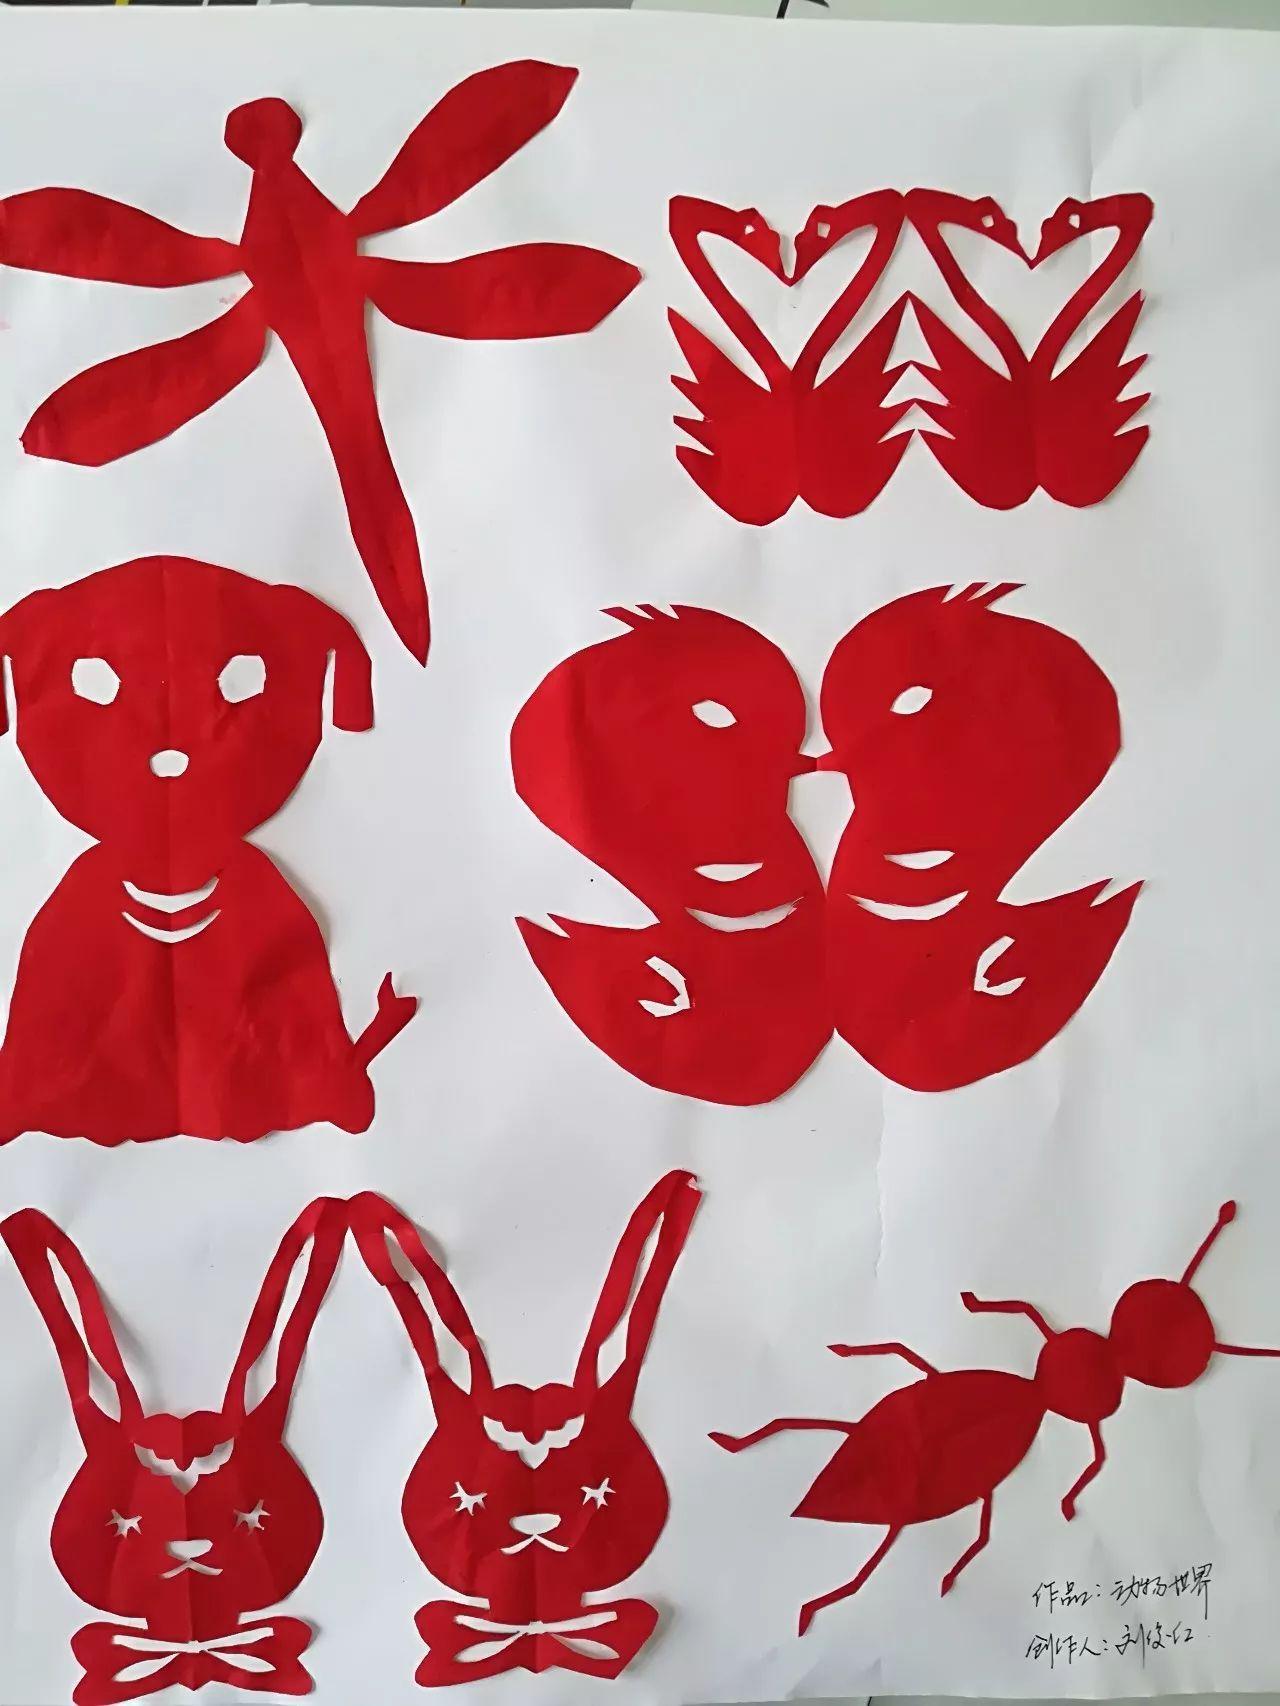 蝴蝶窗花剪纸步骤图解